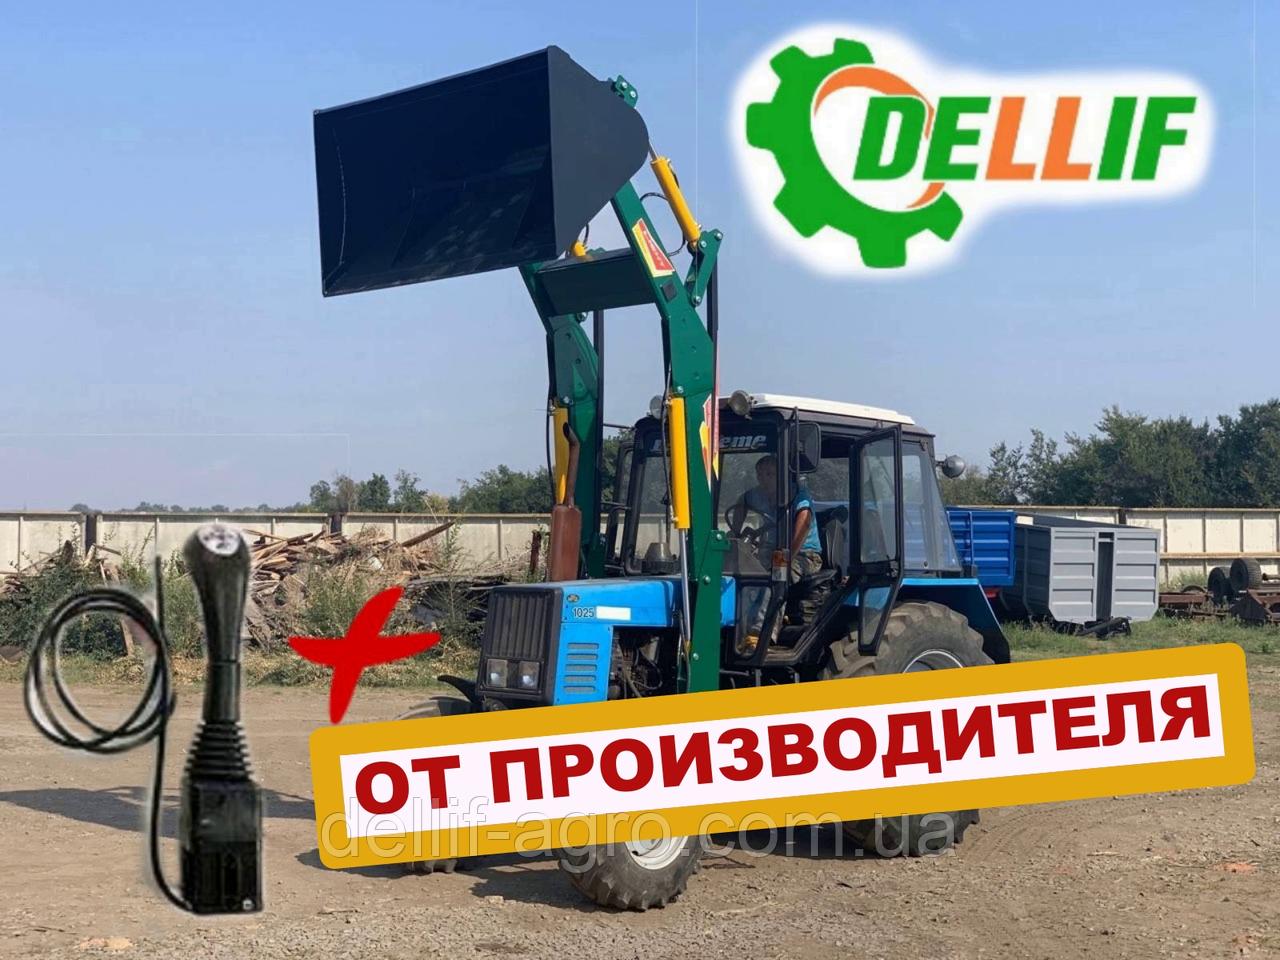 Погрузчик фронтальный на трактор МТЗ, ЮМЗ, Т 40 Dellif Light 1200 с джойстиком